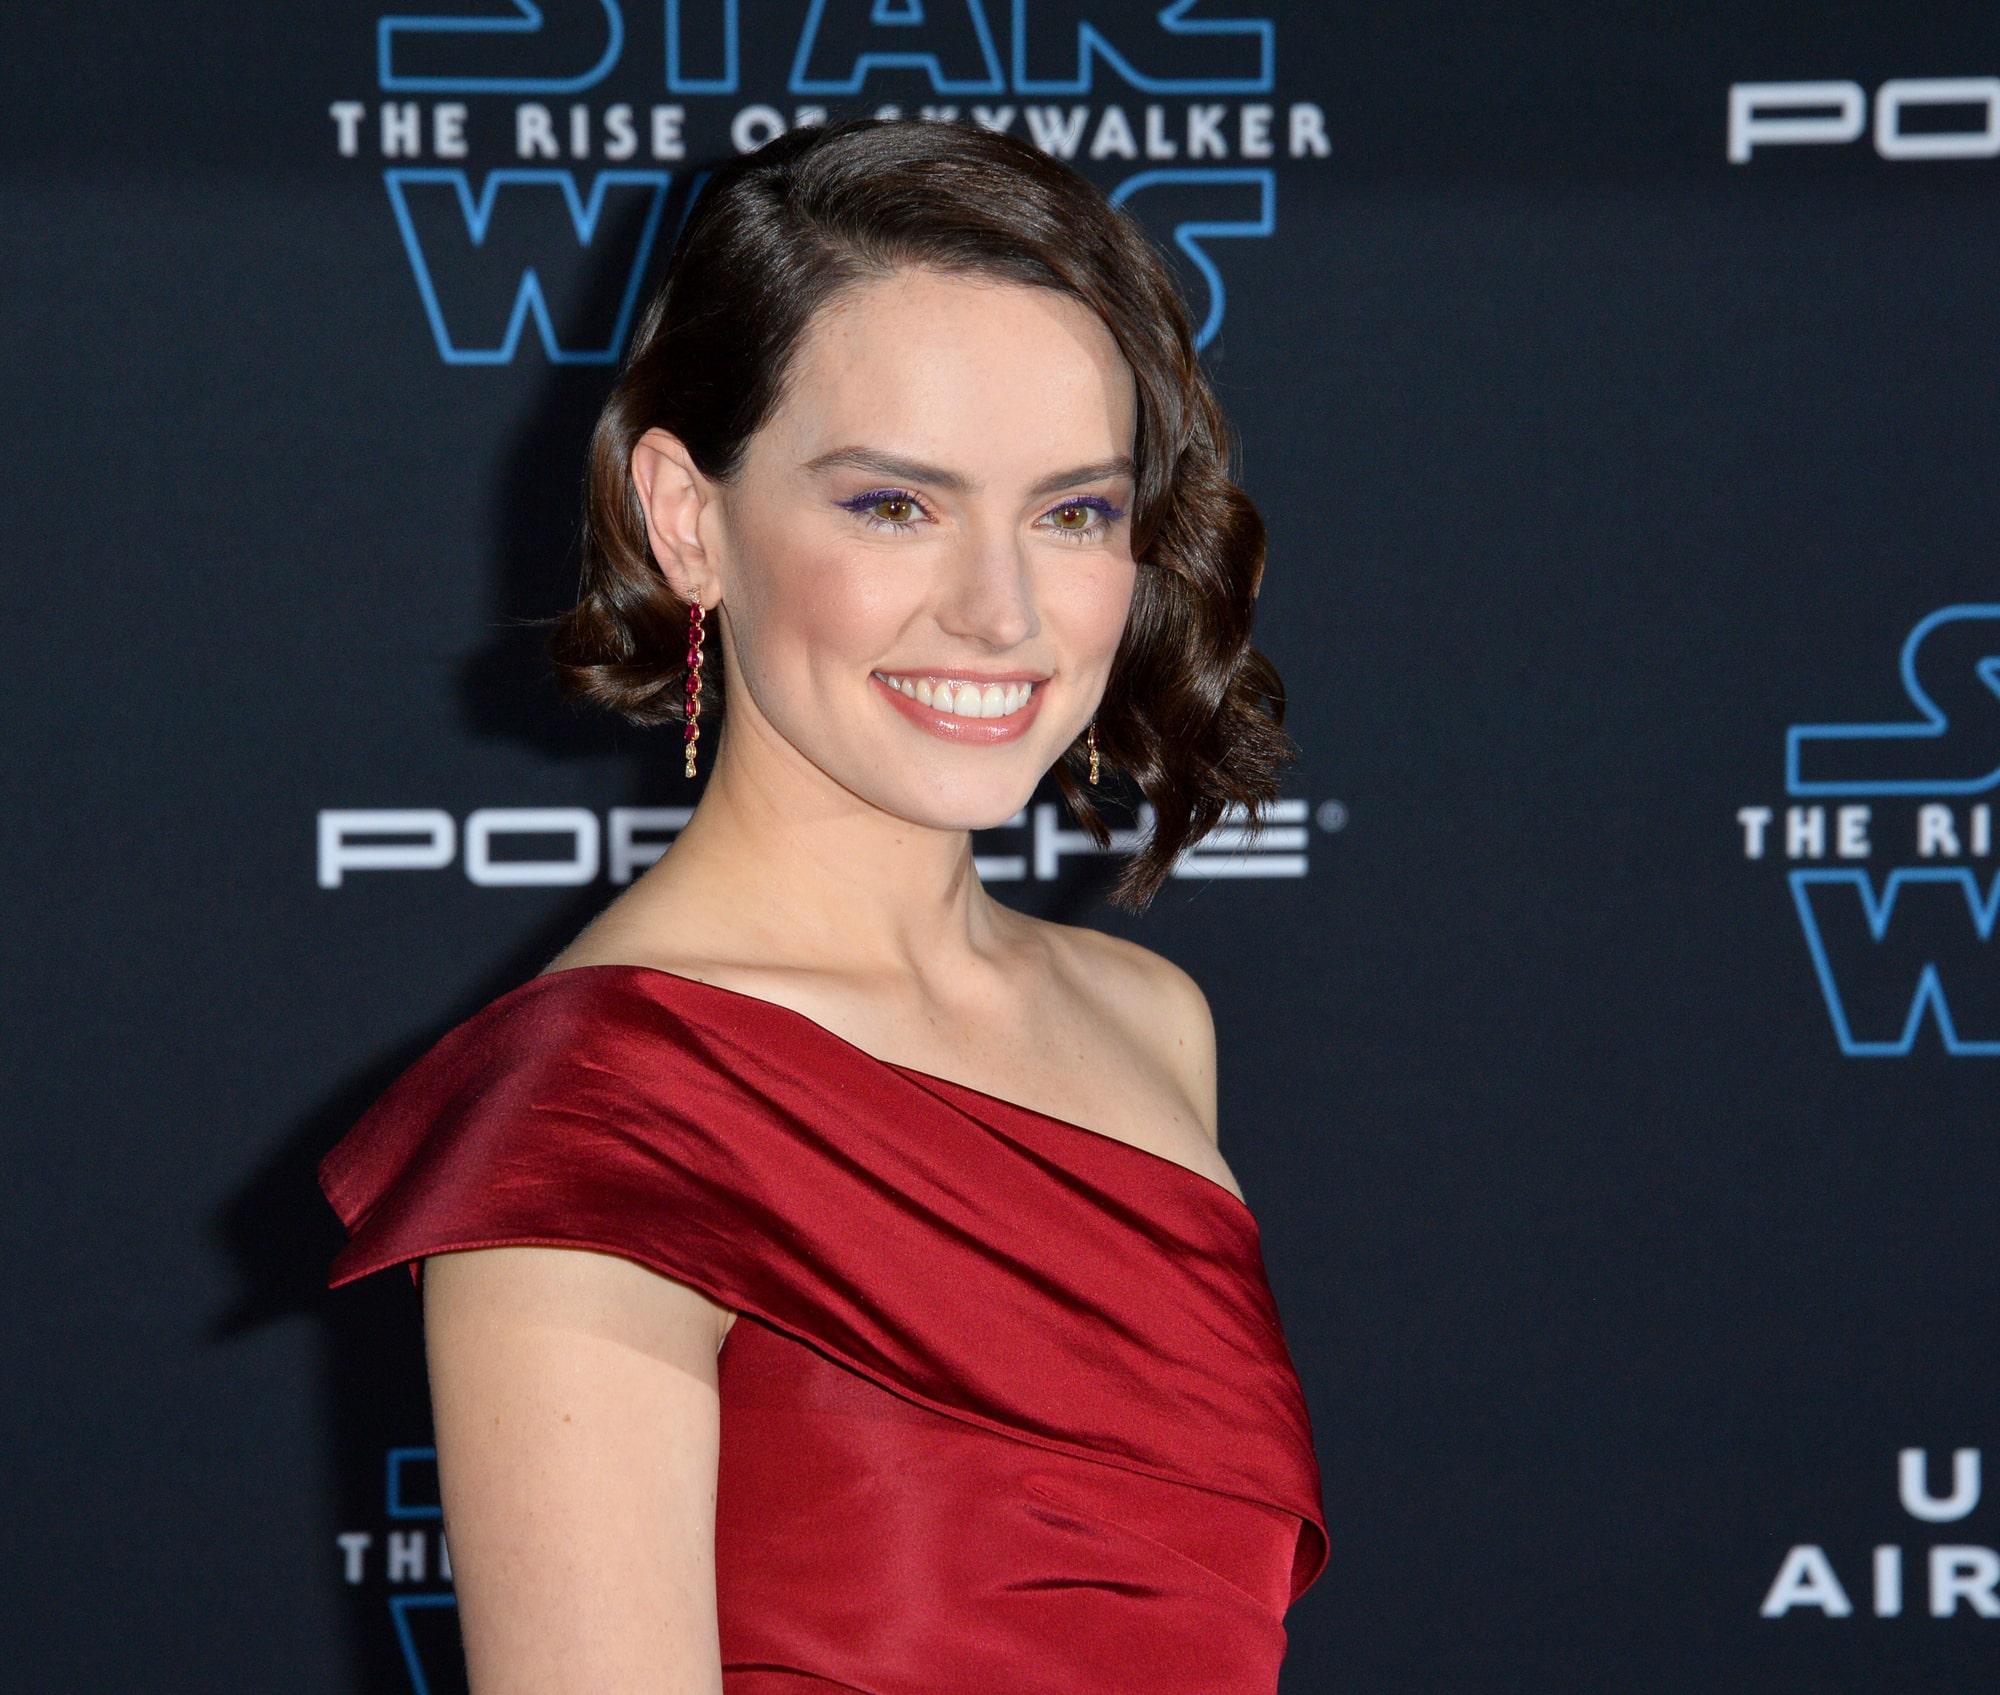 Дейзи Ридли рассказала, что плакала весь день после окончания съемок «Звездные войны: Скайуокер. Восход»